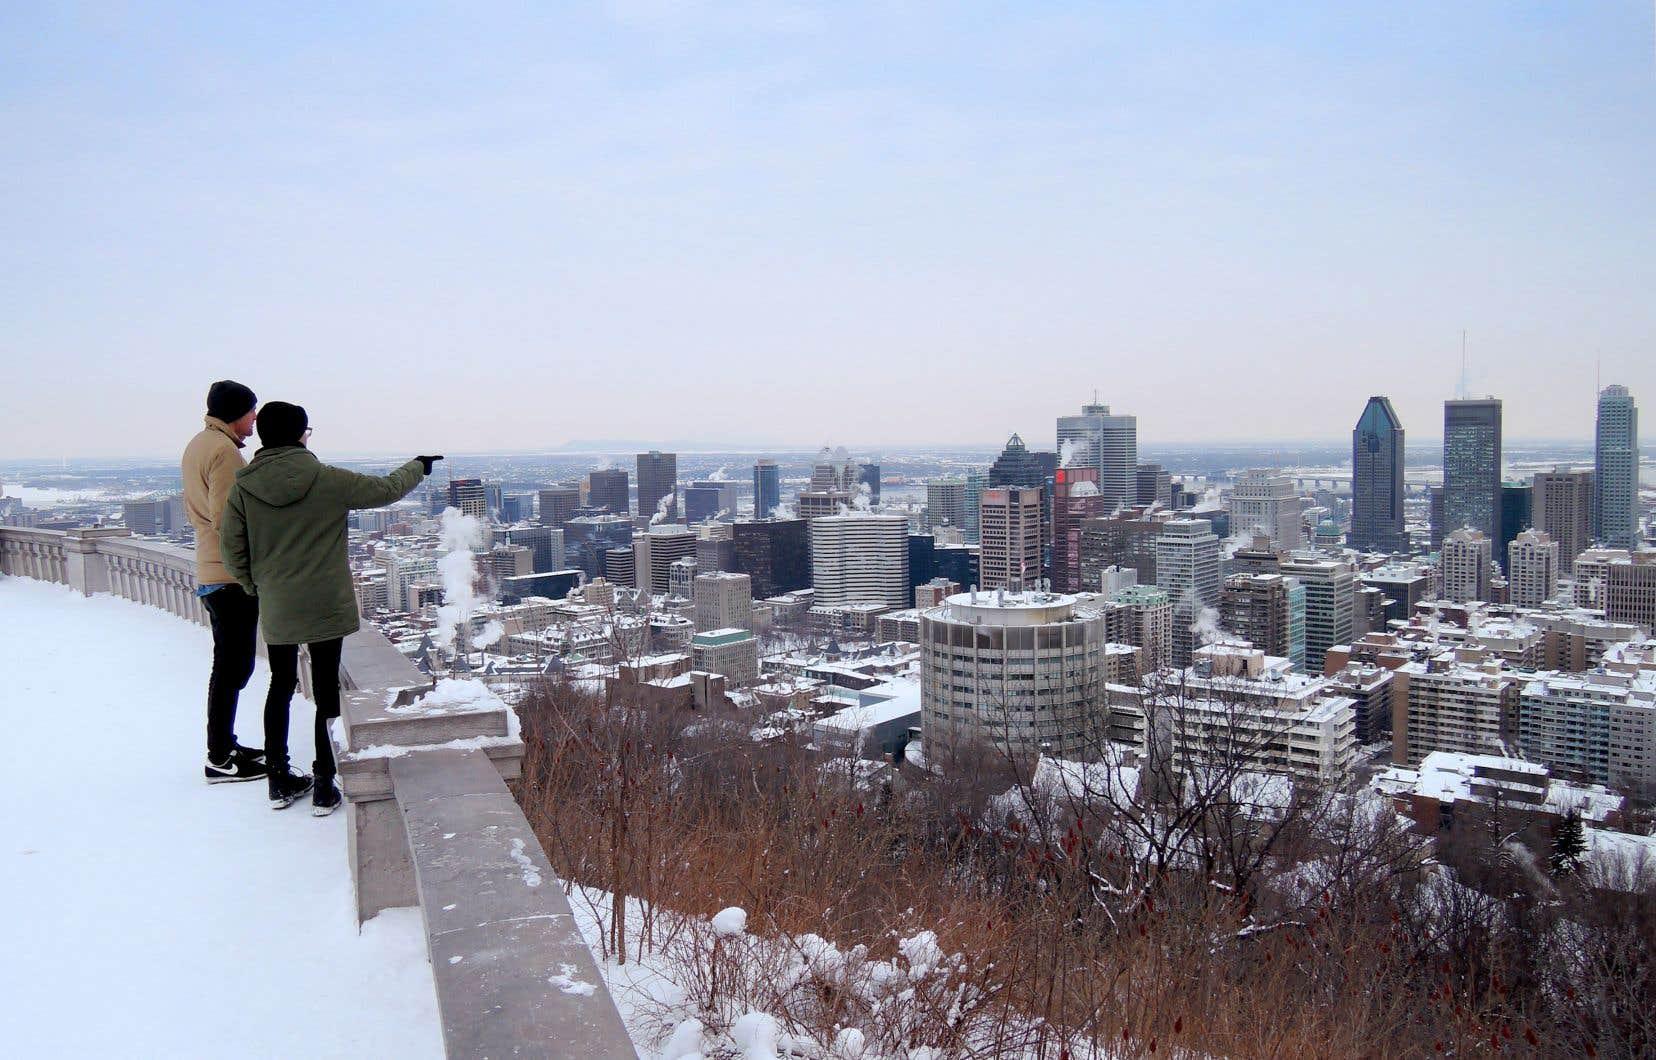 Le marché immobilier de Montréal a affiché une hausse de 8% du nombre de transactions en 2017.